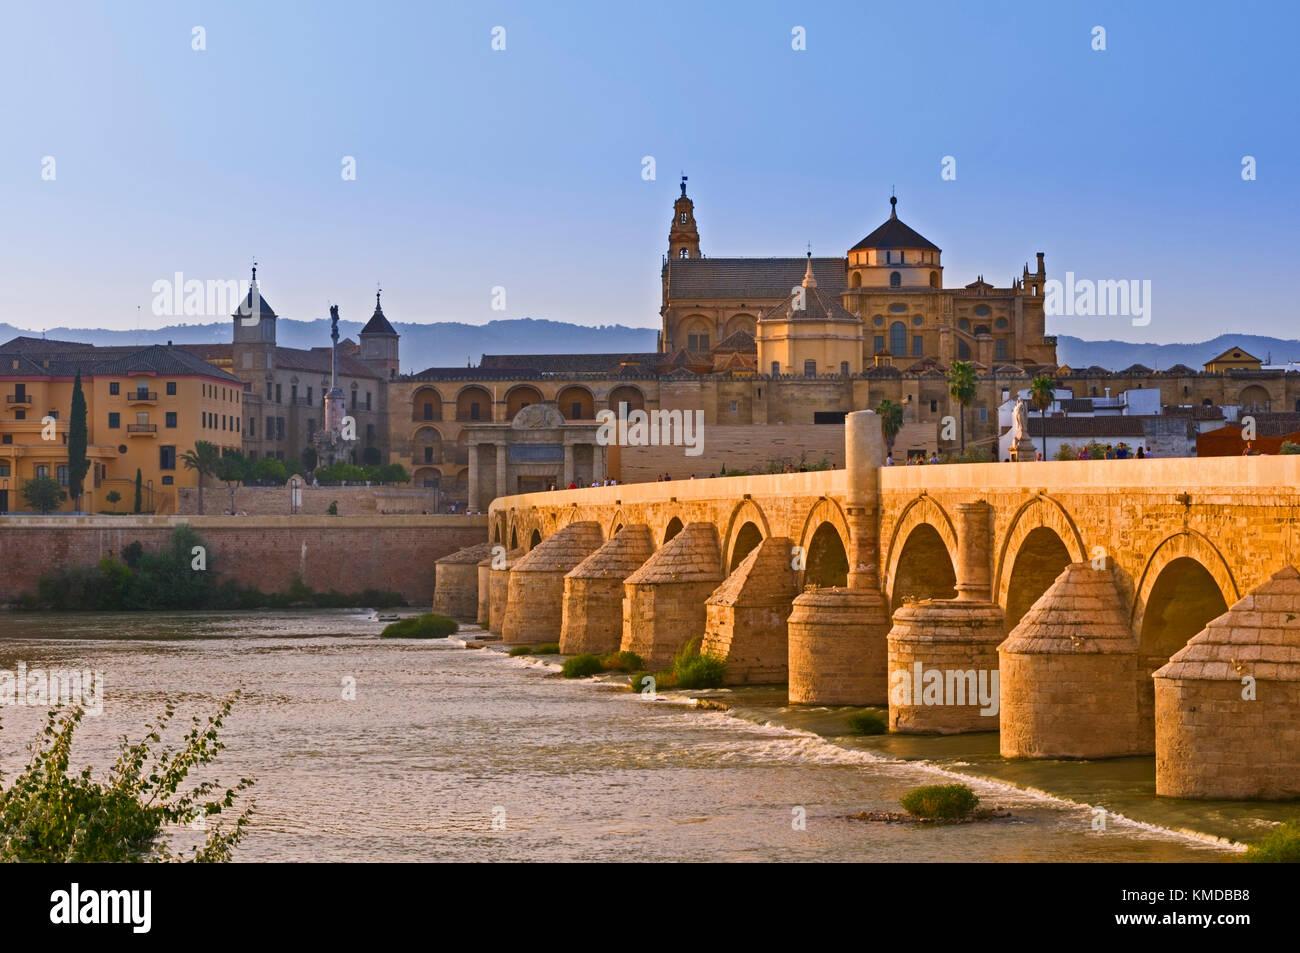 Puente Romano Roman Bridge Cordoba Andalusia Spain - Stock Image